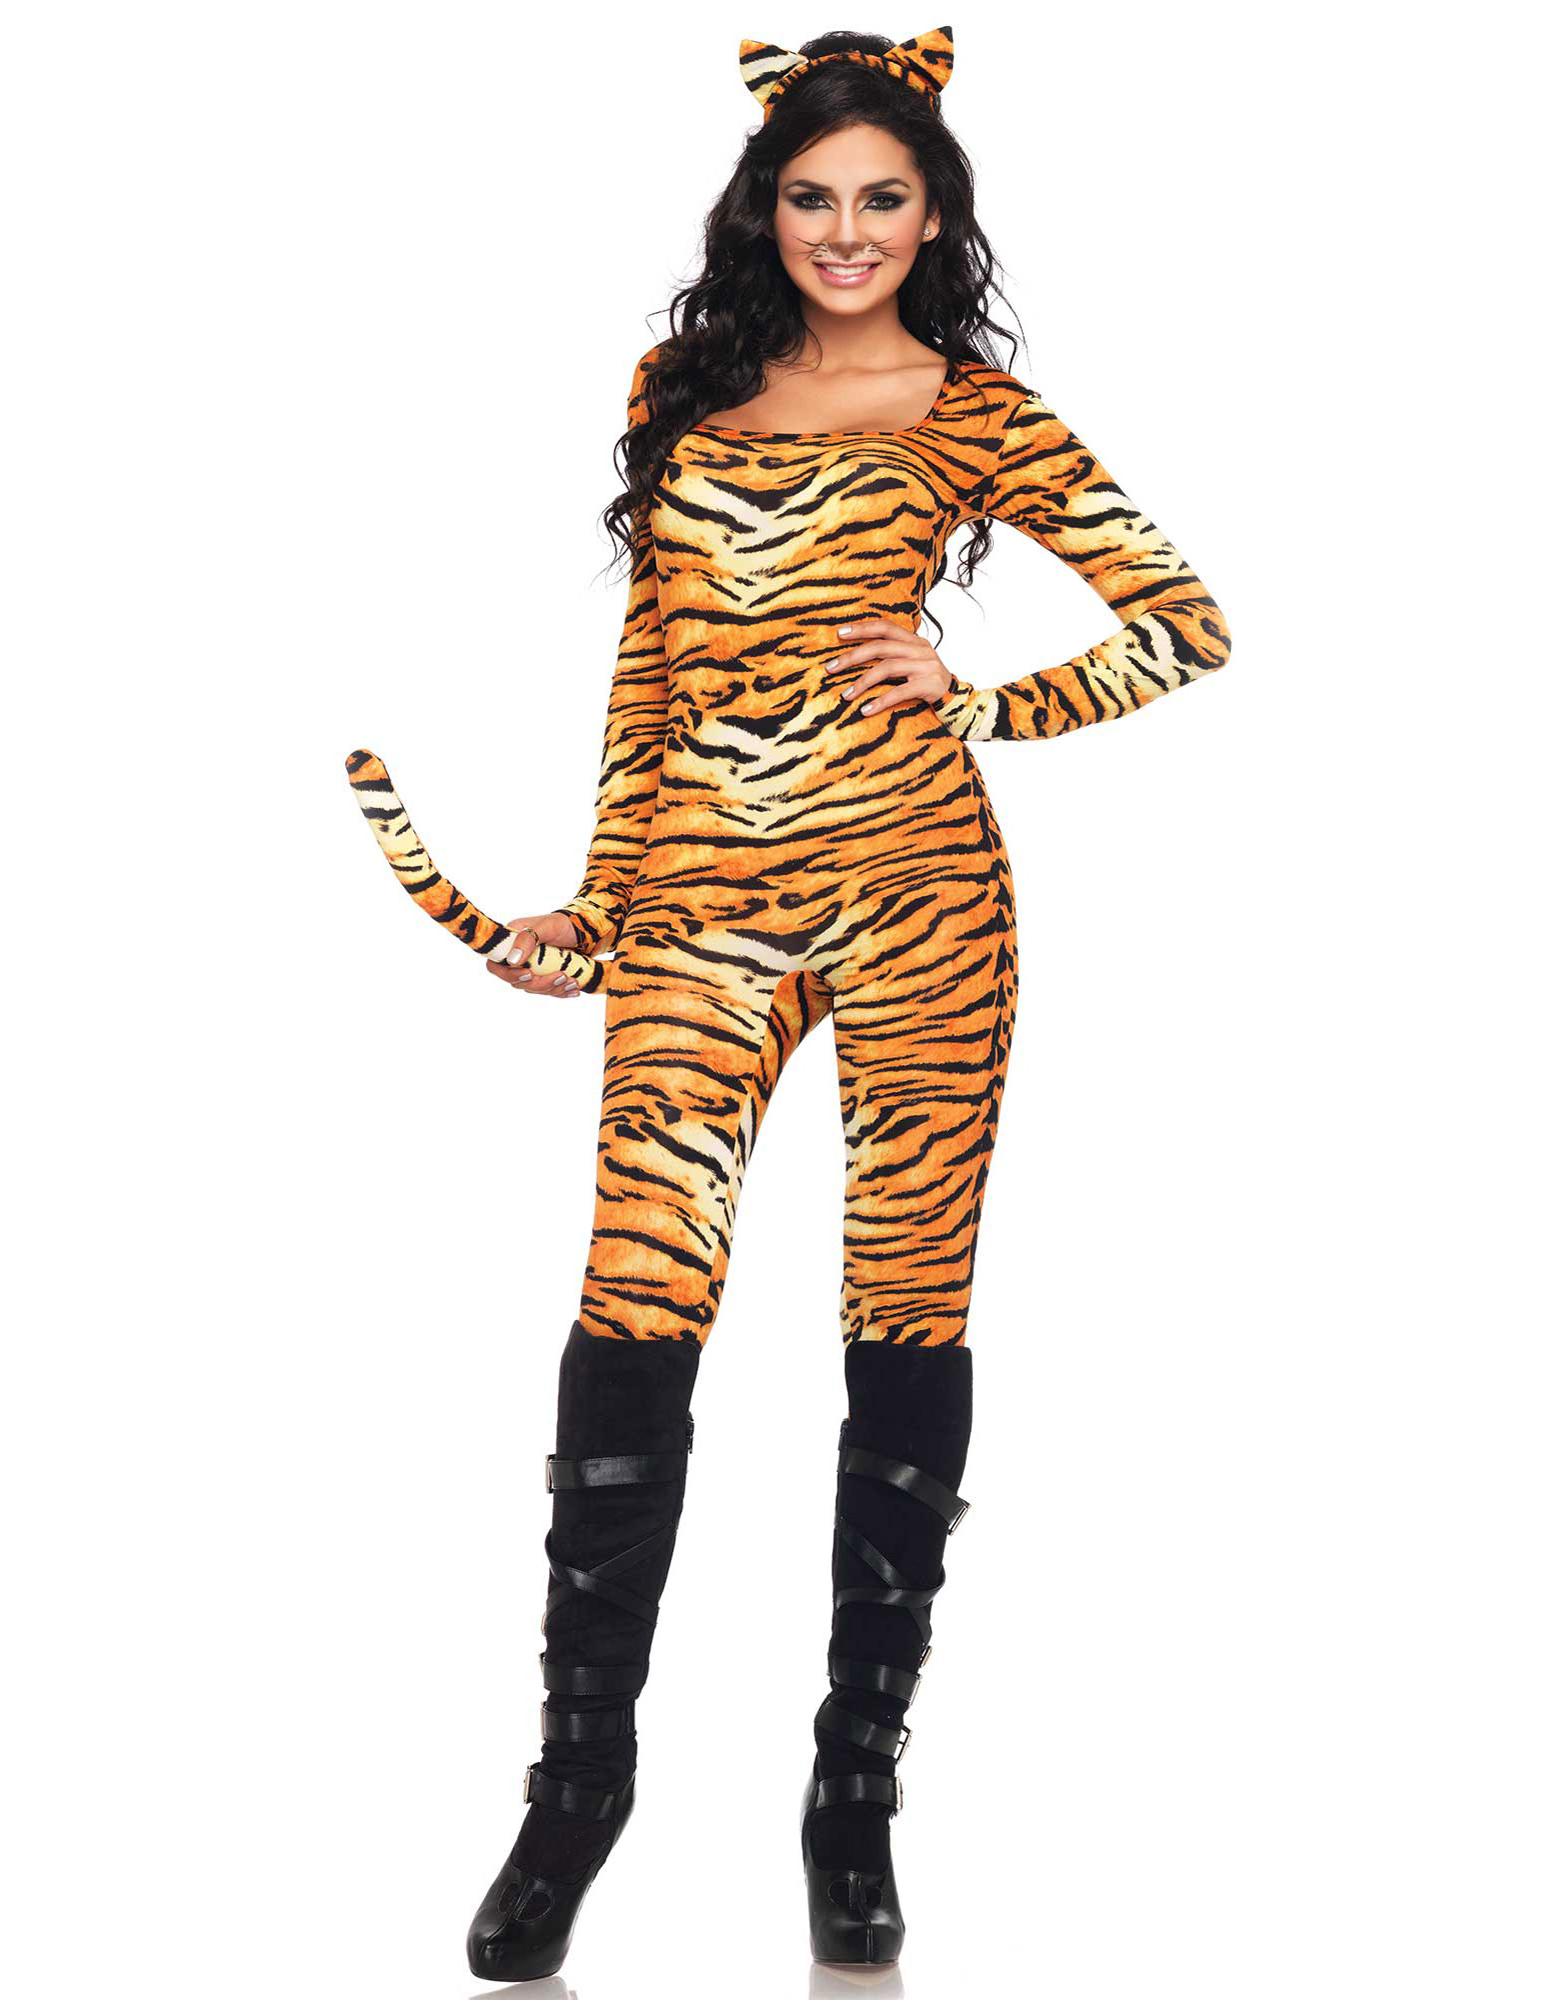 d guisement tigre femme achat de d guisements adultes sur vegaoopro grossiste en d guisements. Black Bedroom Furniture Sets. Home Design Ideas